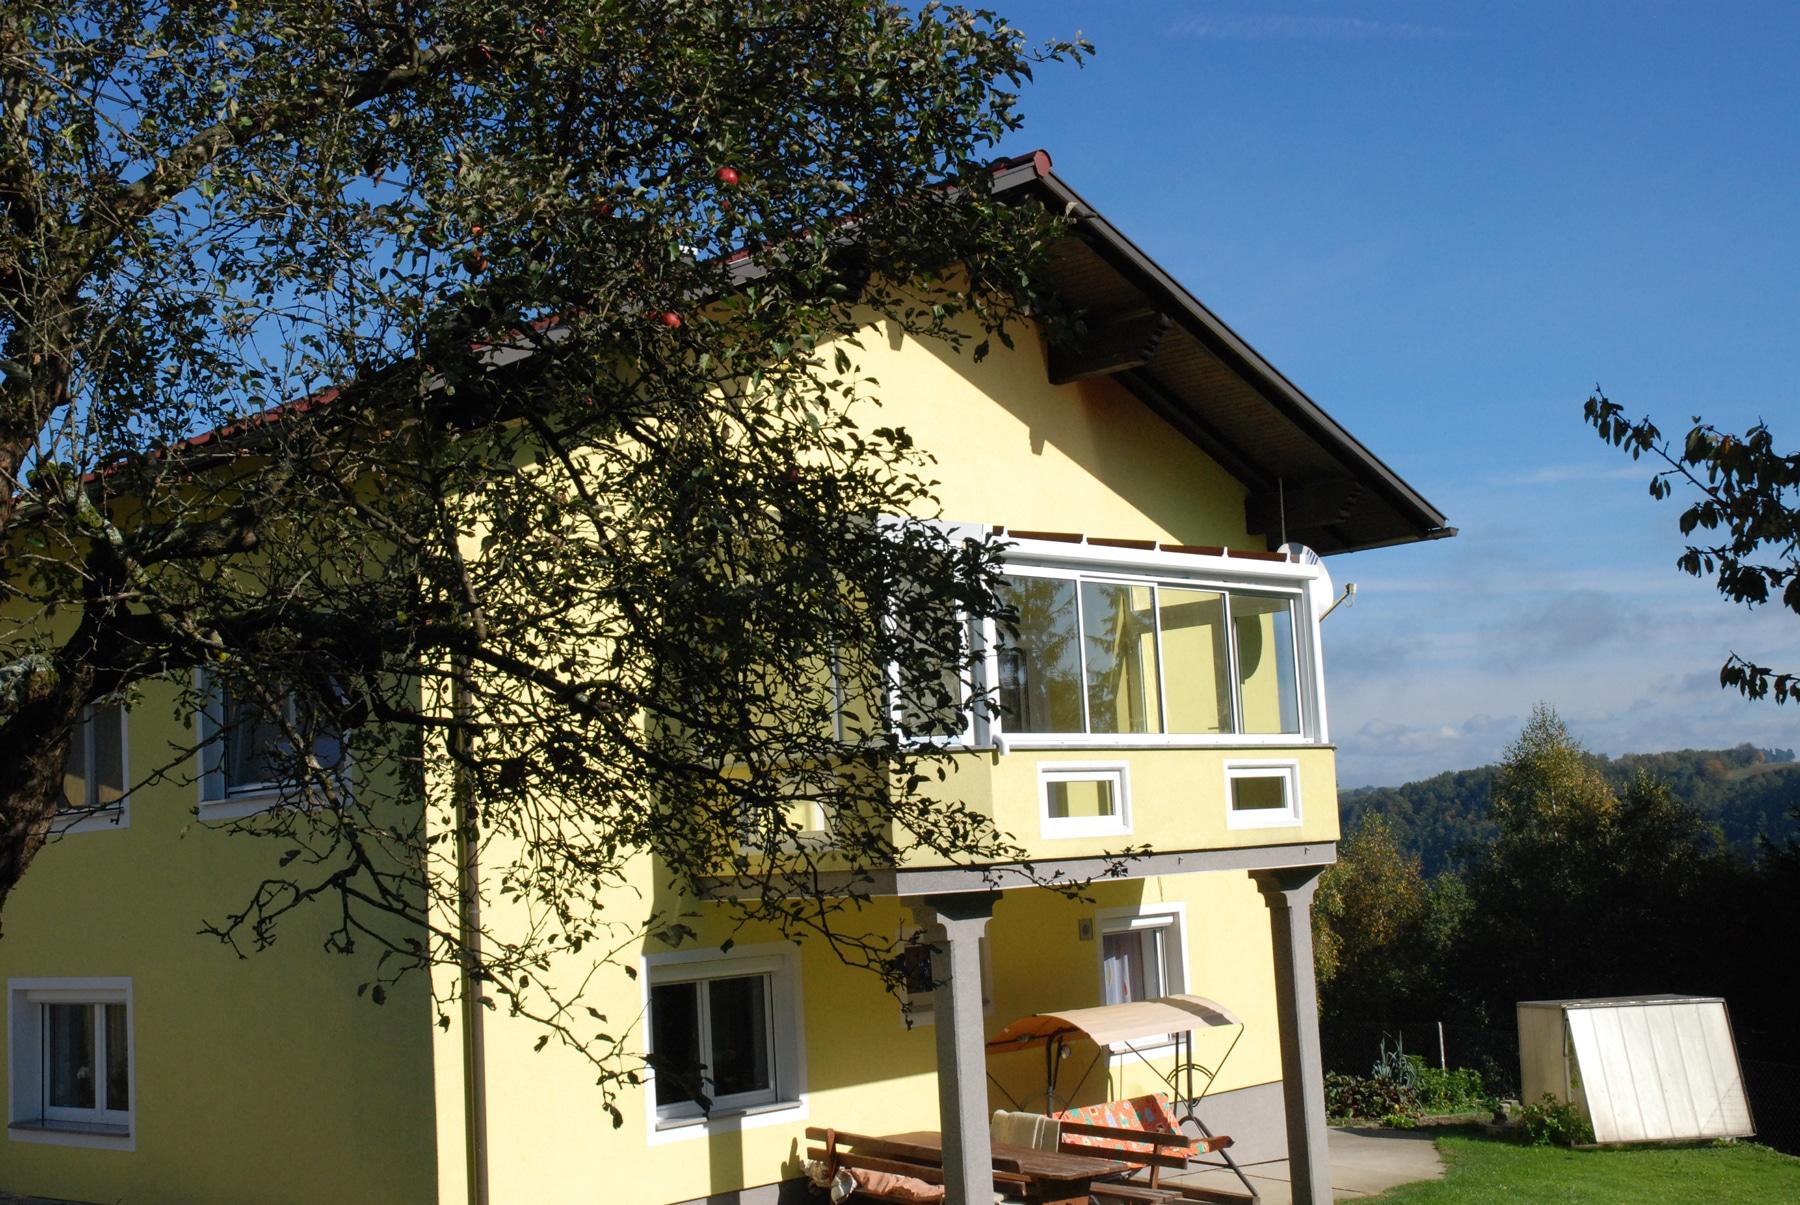 Balkon zum Wintergarten machen